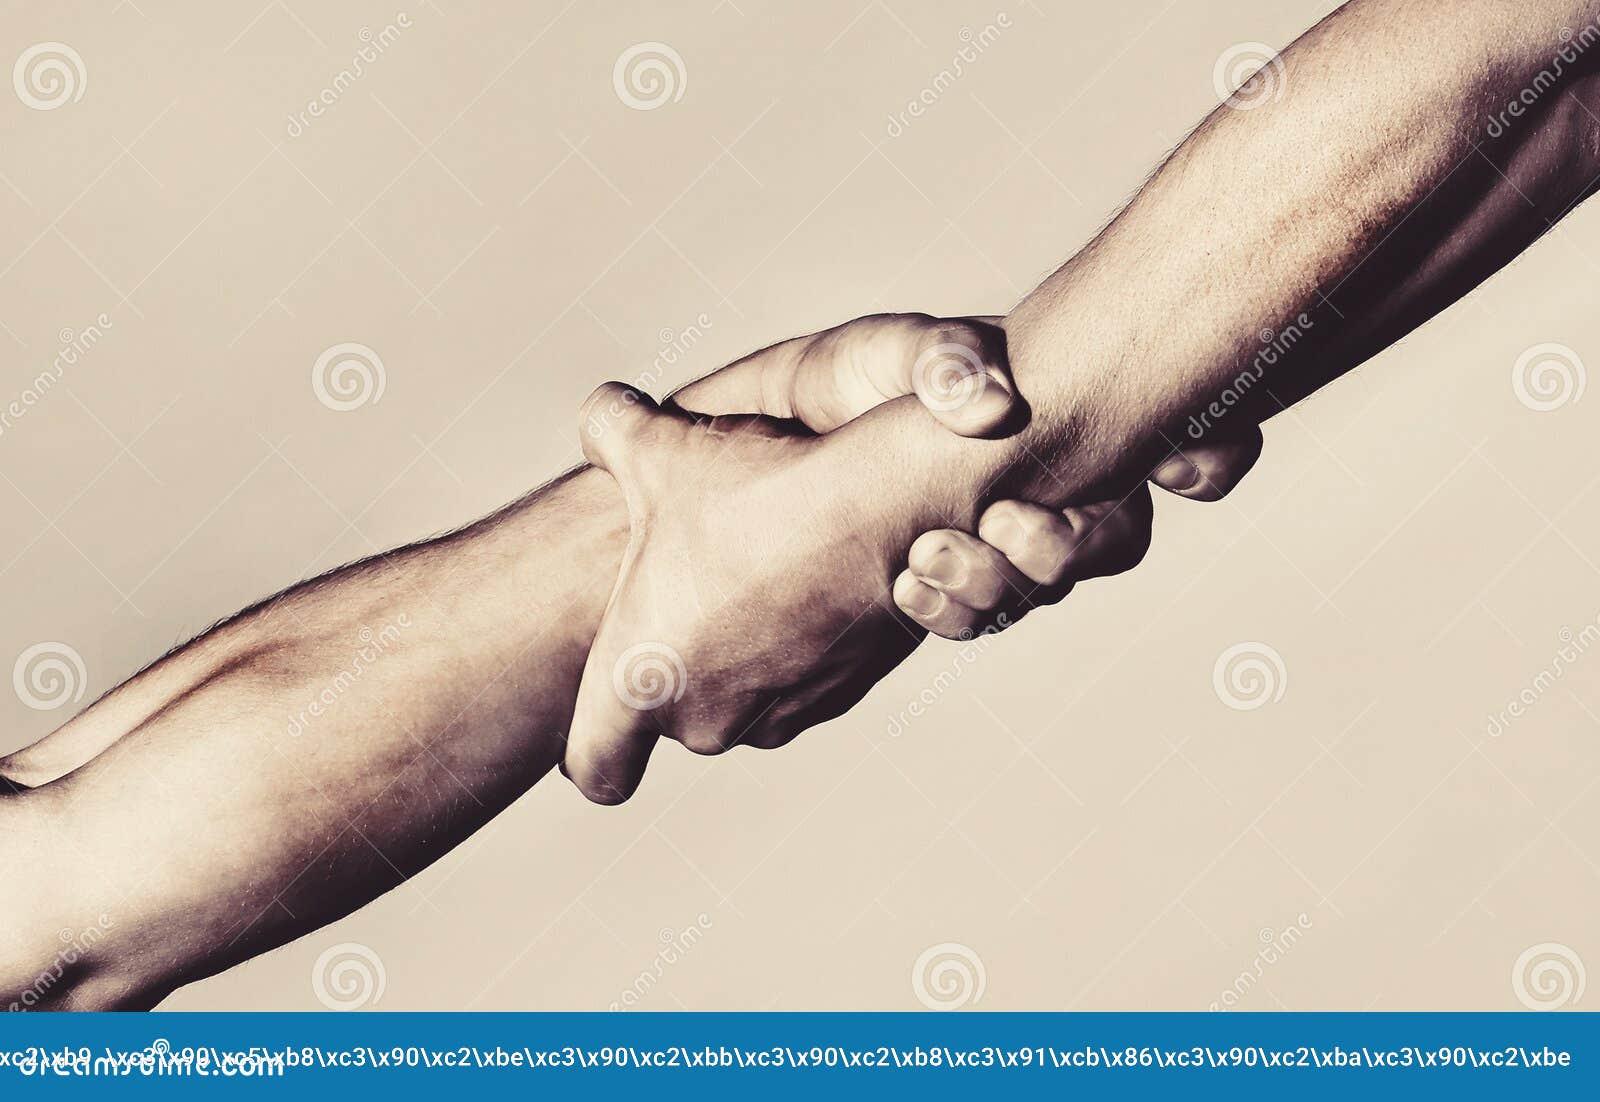 Twee handen, die hand van een vriend helpen Handdruk, wapens, vriendschap Vriendschappelijke handdruk, vrienden die, groepswerk b